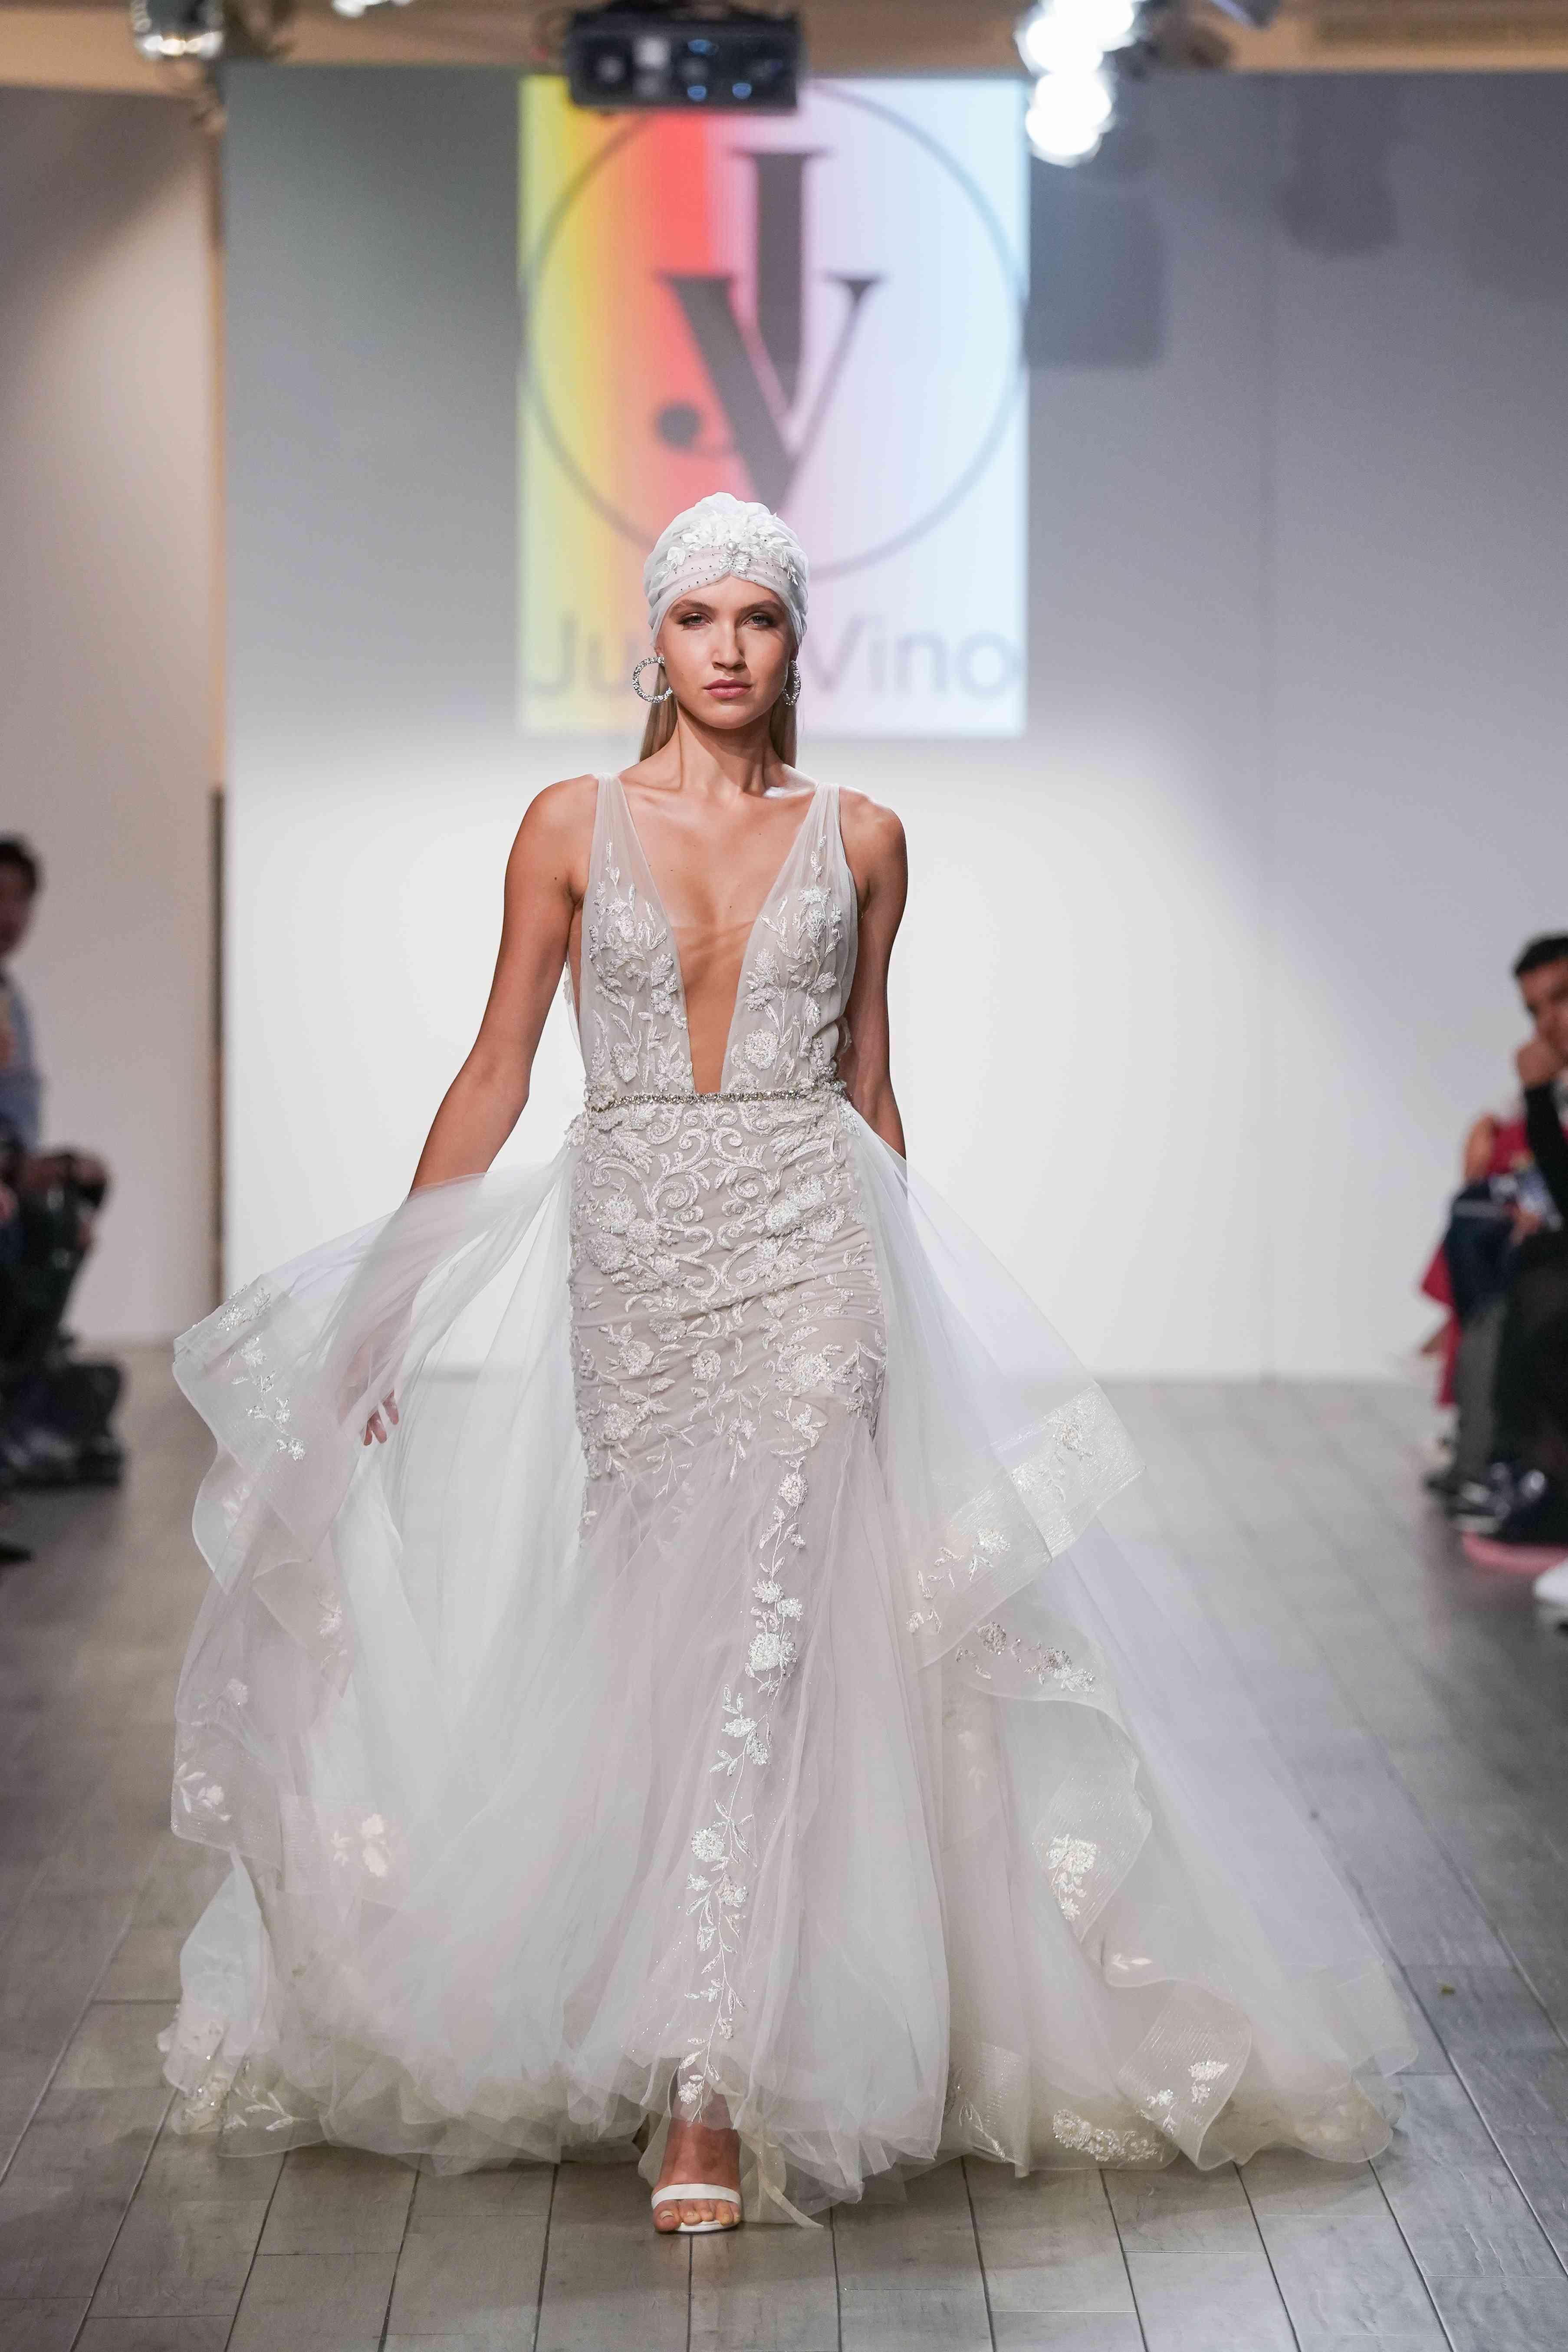 Model in plunging mermaid wedding dress